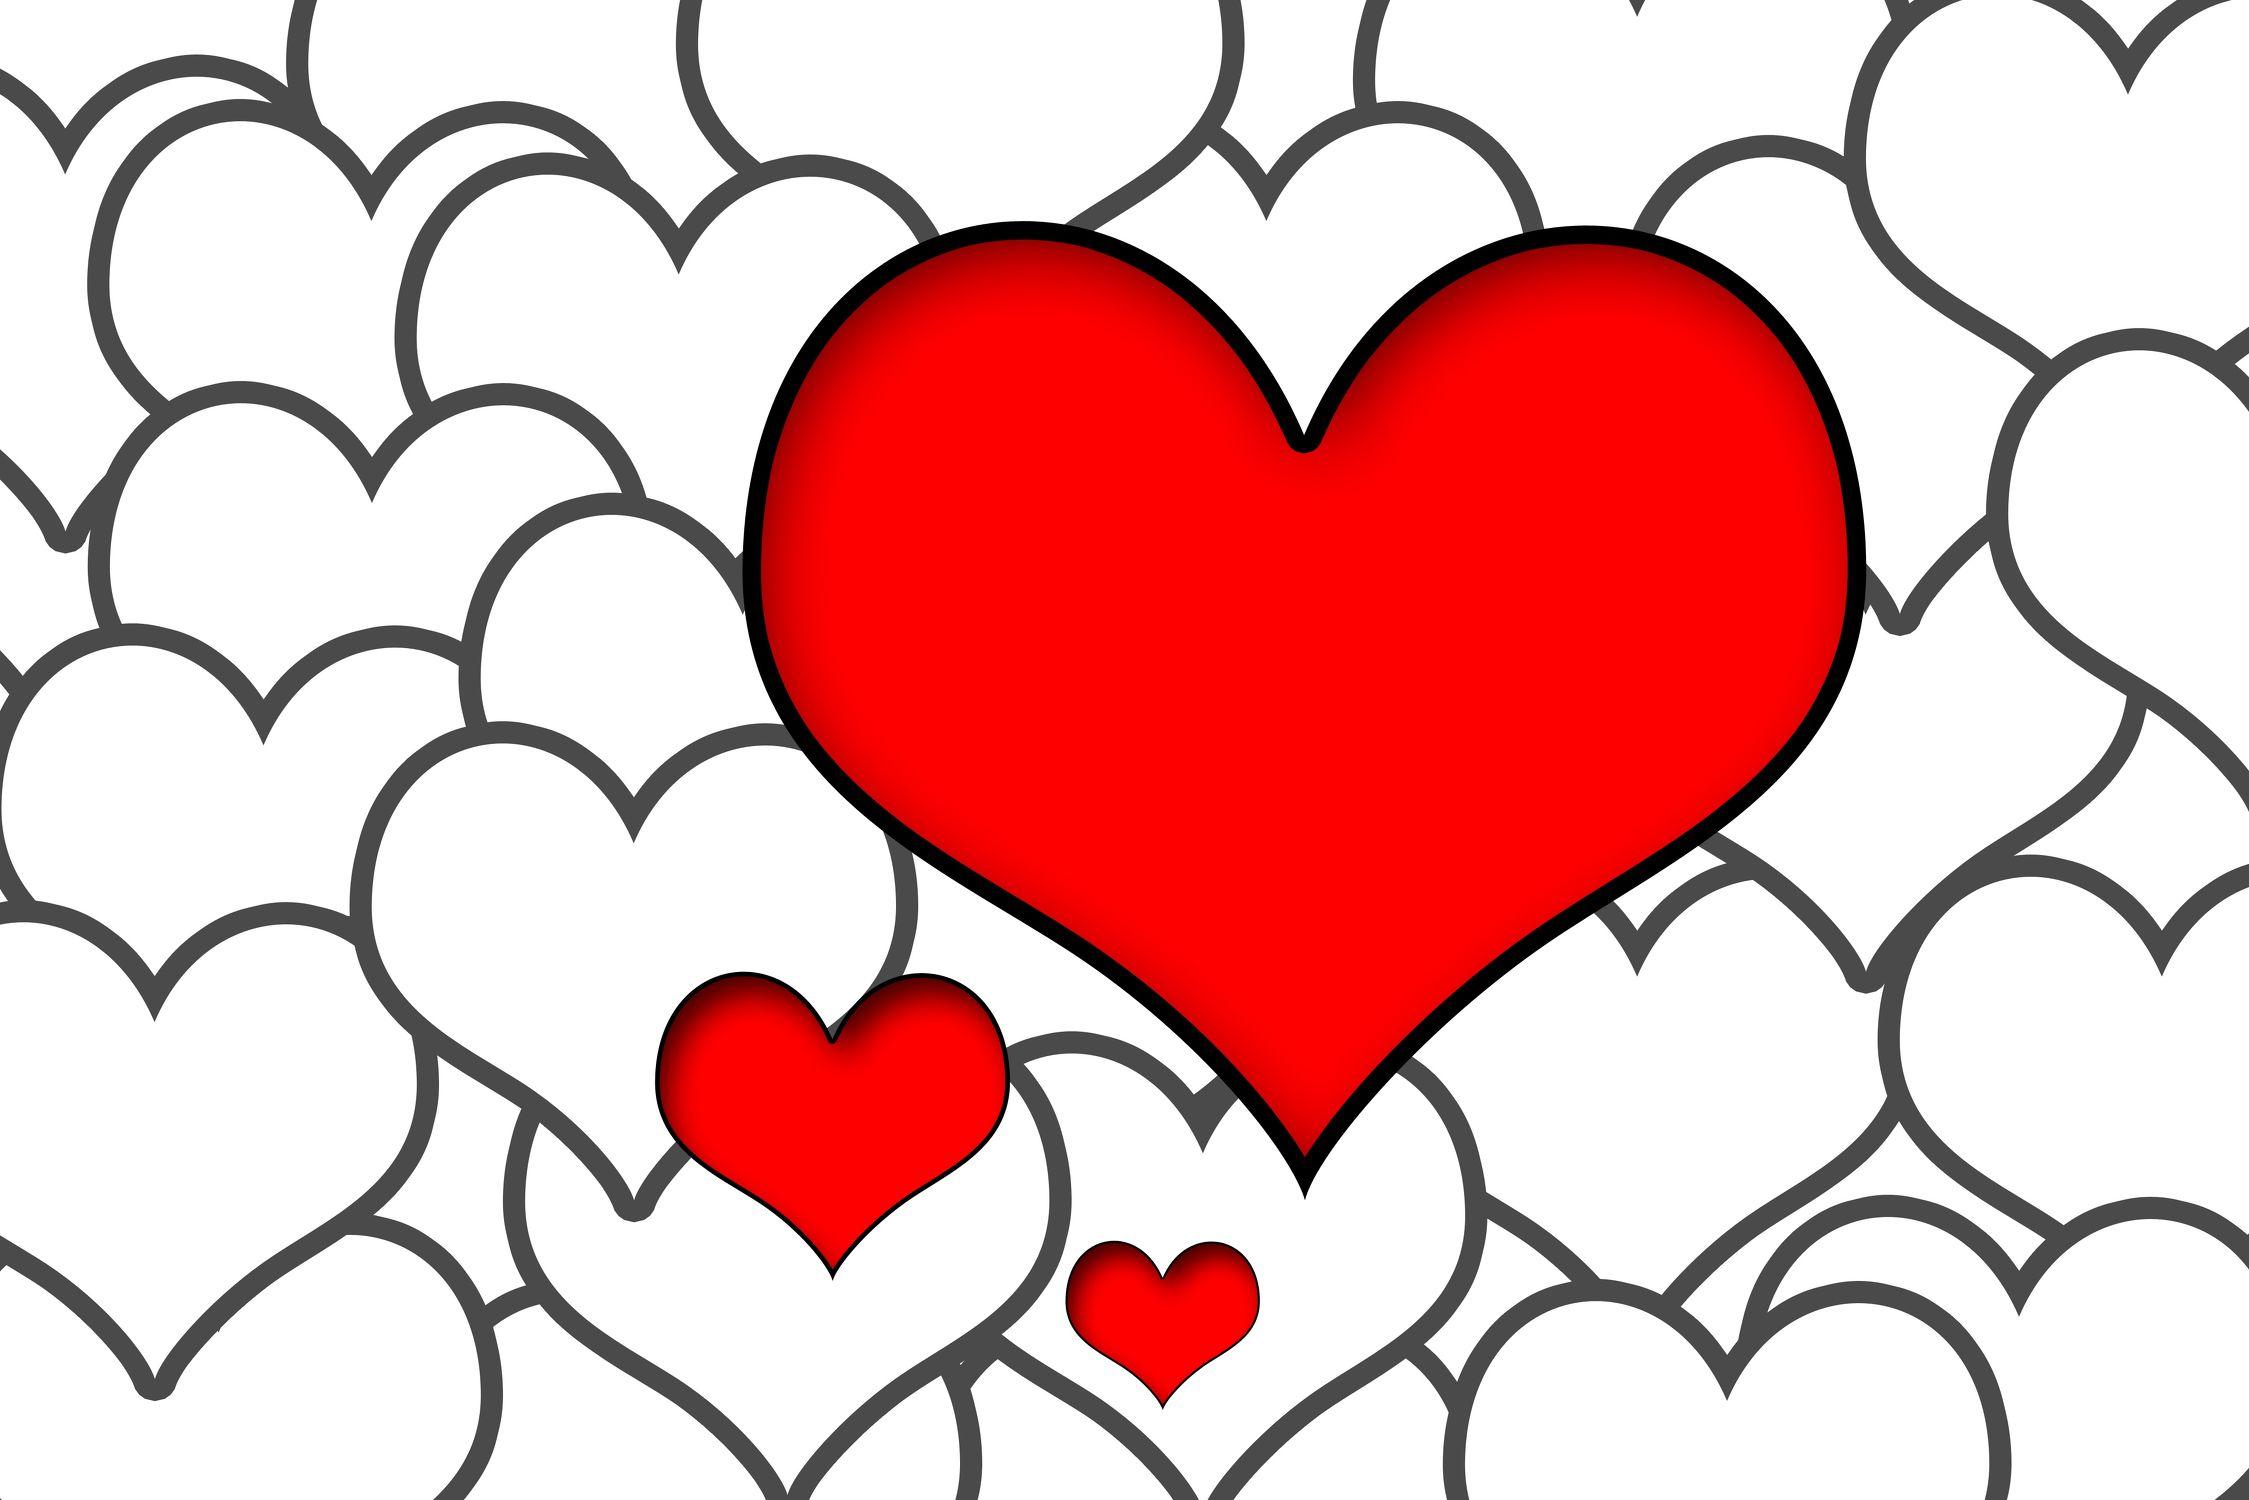 Bild mit Farben, Gegenstände, Rot, Aktivitäten, Urlaub, Figuren und Formen, Herzen